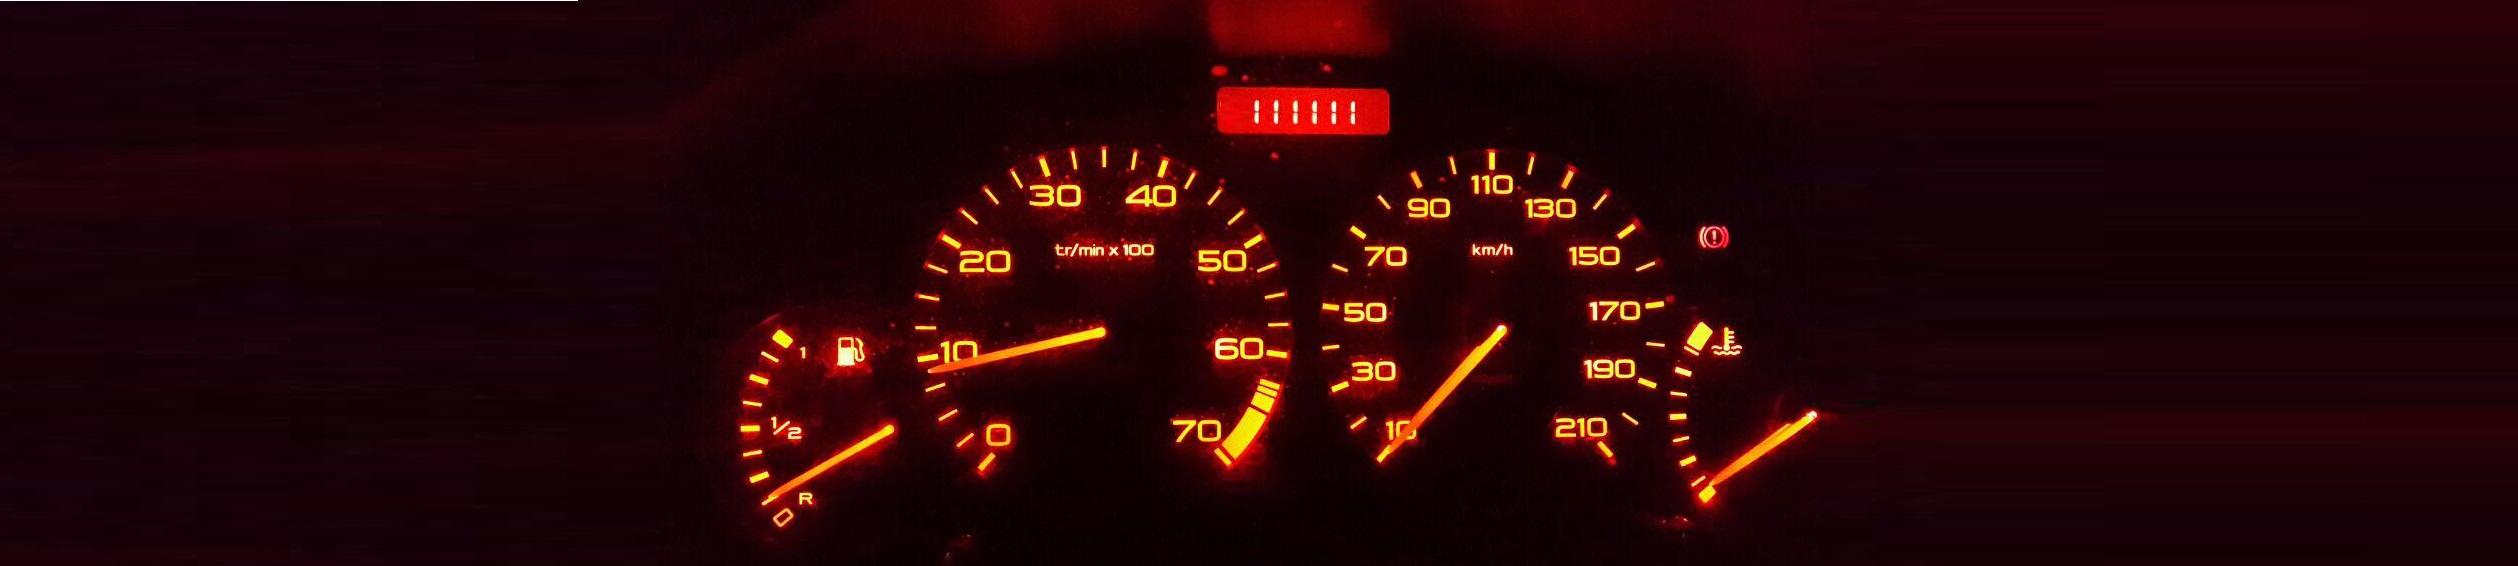 قبلاً شنیده بودم بعضی از فروشندگان اتومبیل، کیلومتر شمار ماشین را صفر میکنند. دلیلش هر چه باشد در این نوشته موردبحث من نیست. من میخواهم از منظر دیگری به موضوع نگاه کنم.